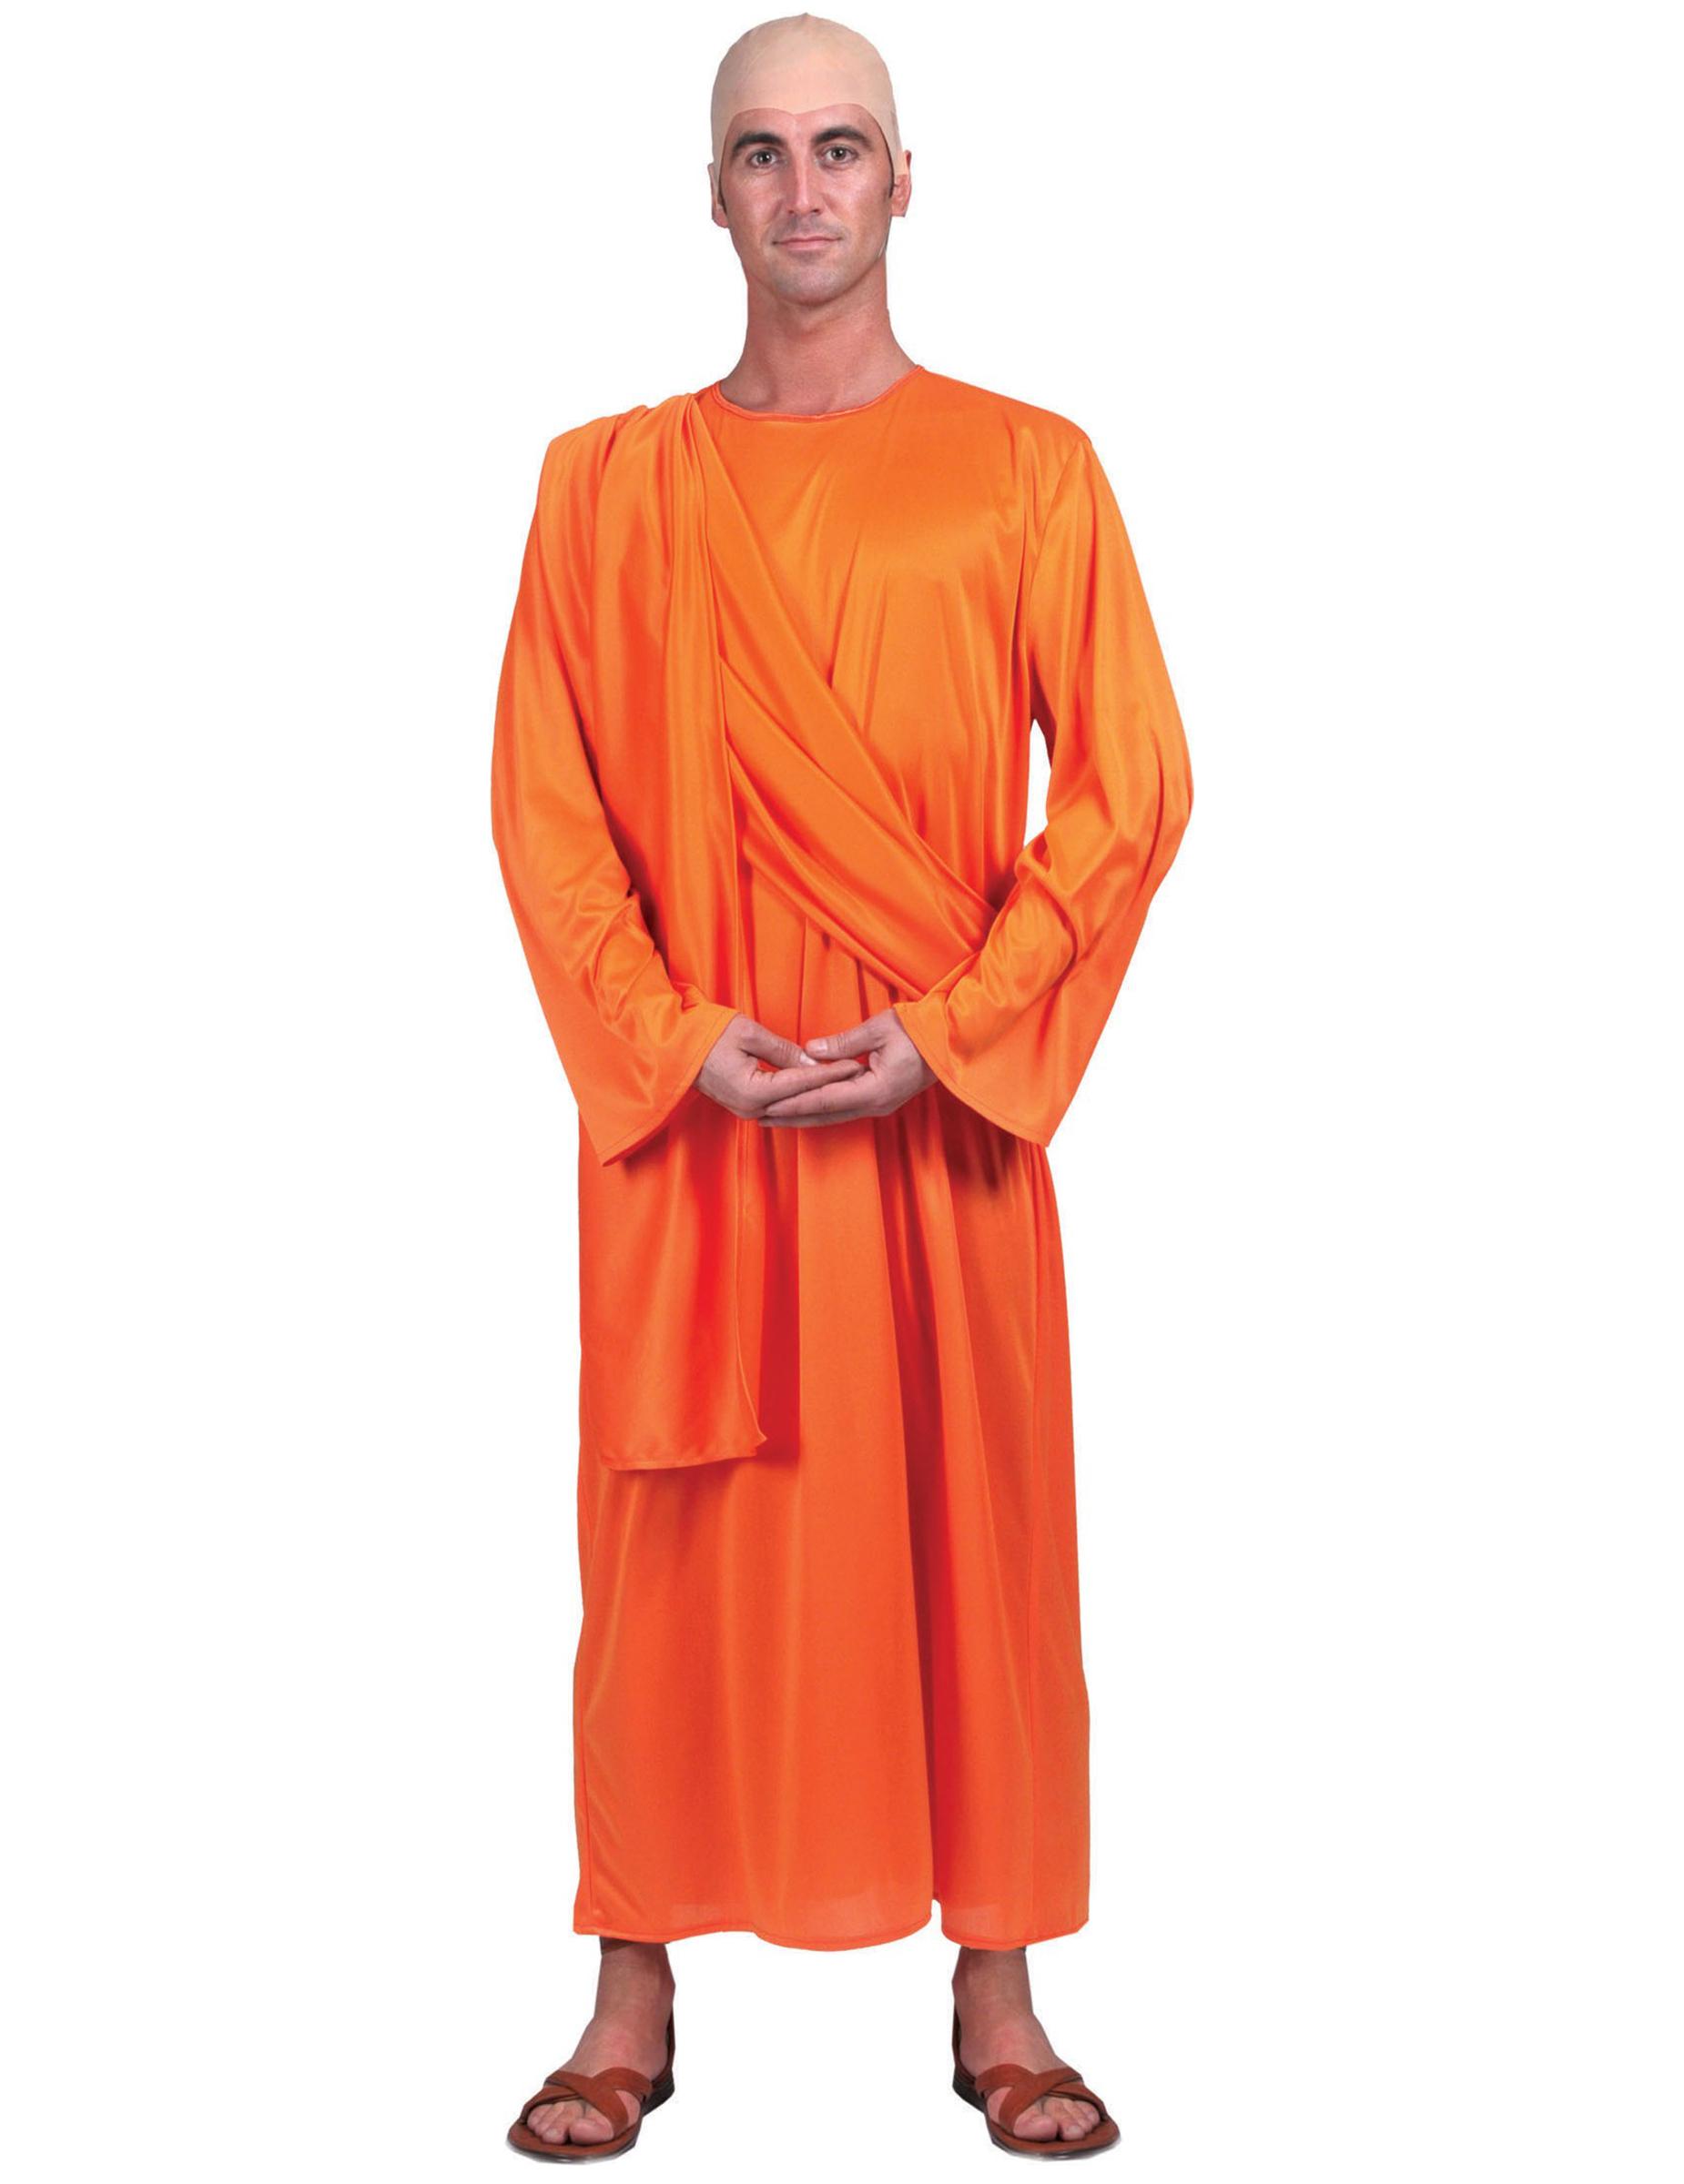 Buddhistisches Mönch-Kostüm für Erwachsene 67780